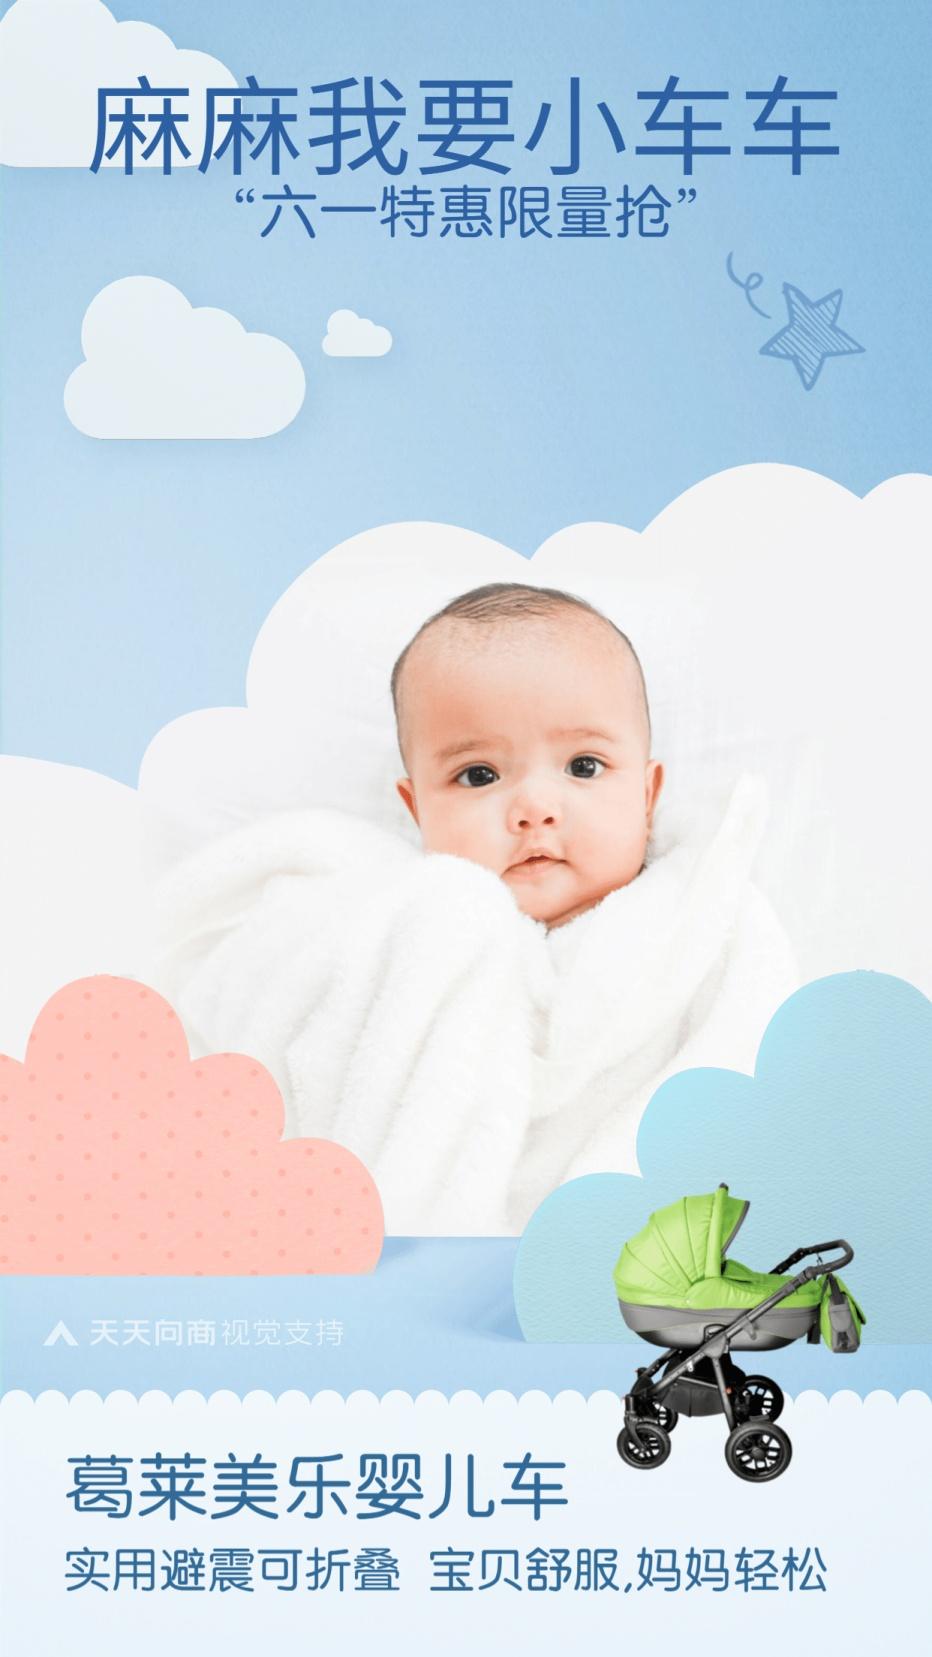 61儿童节可爱母婴亲子促销